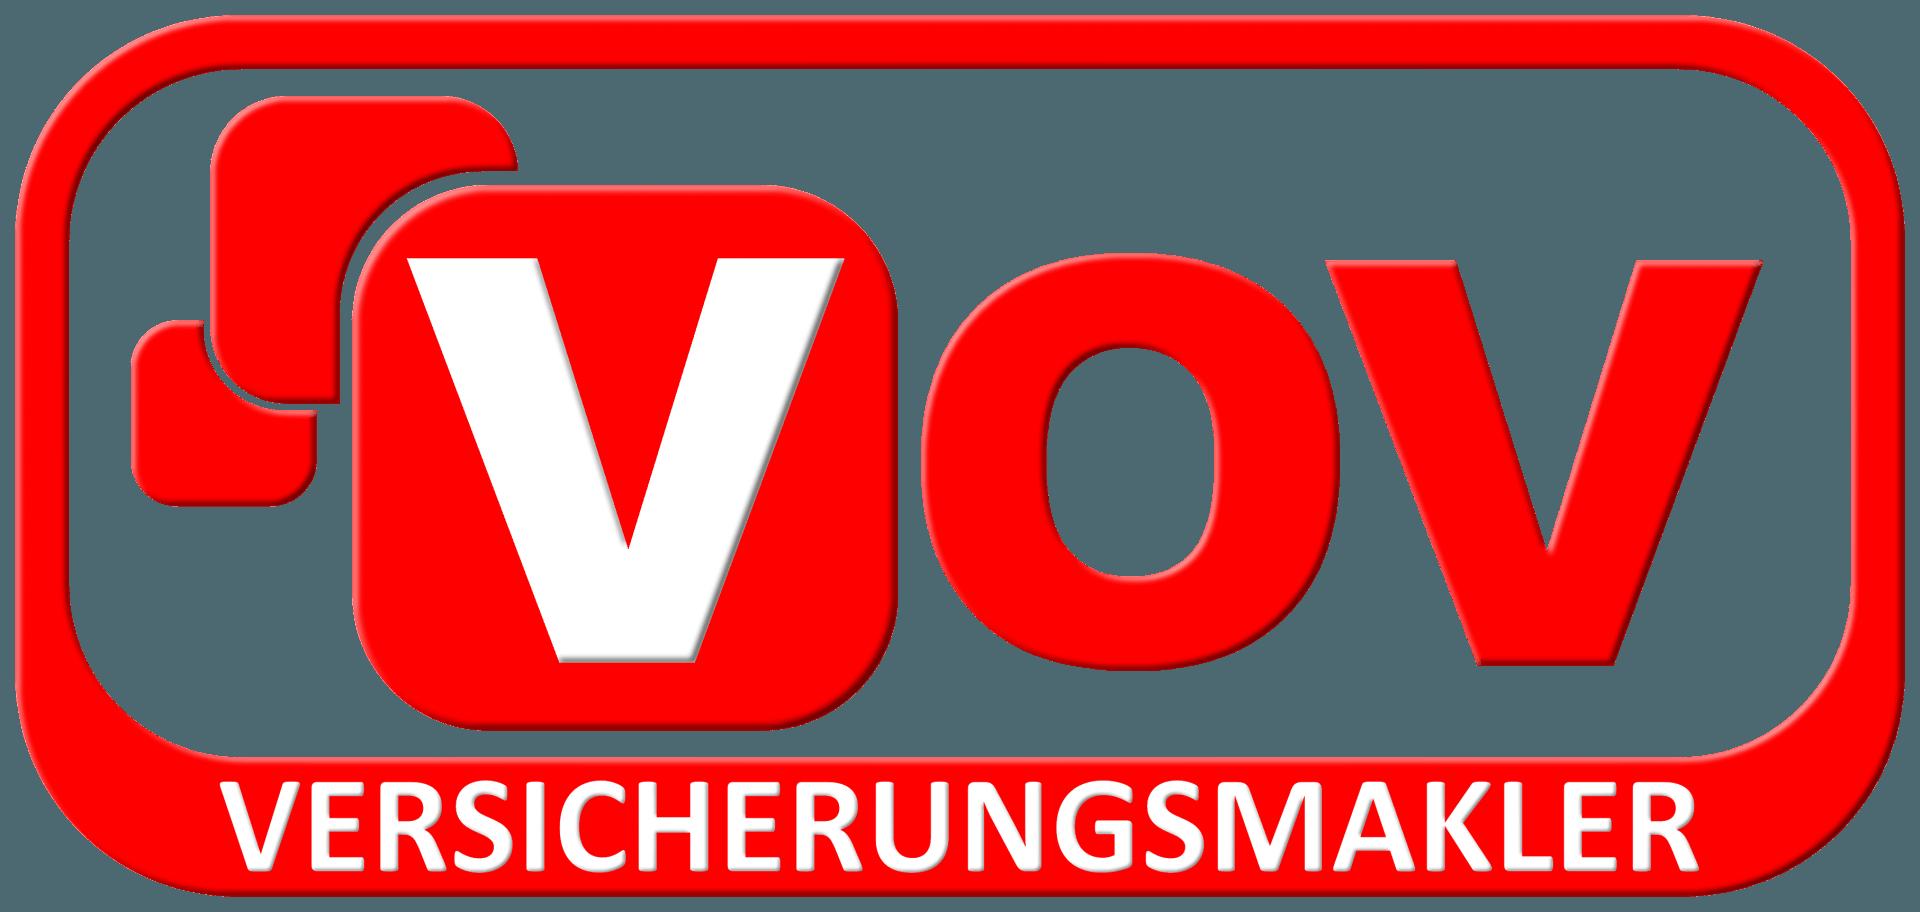 VOV Versicherungsmakler